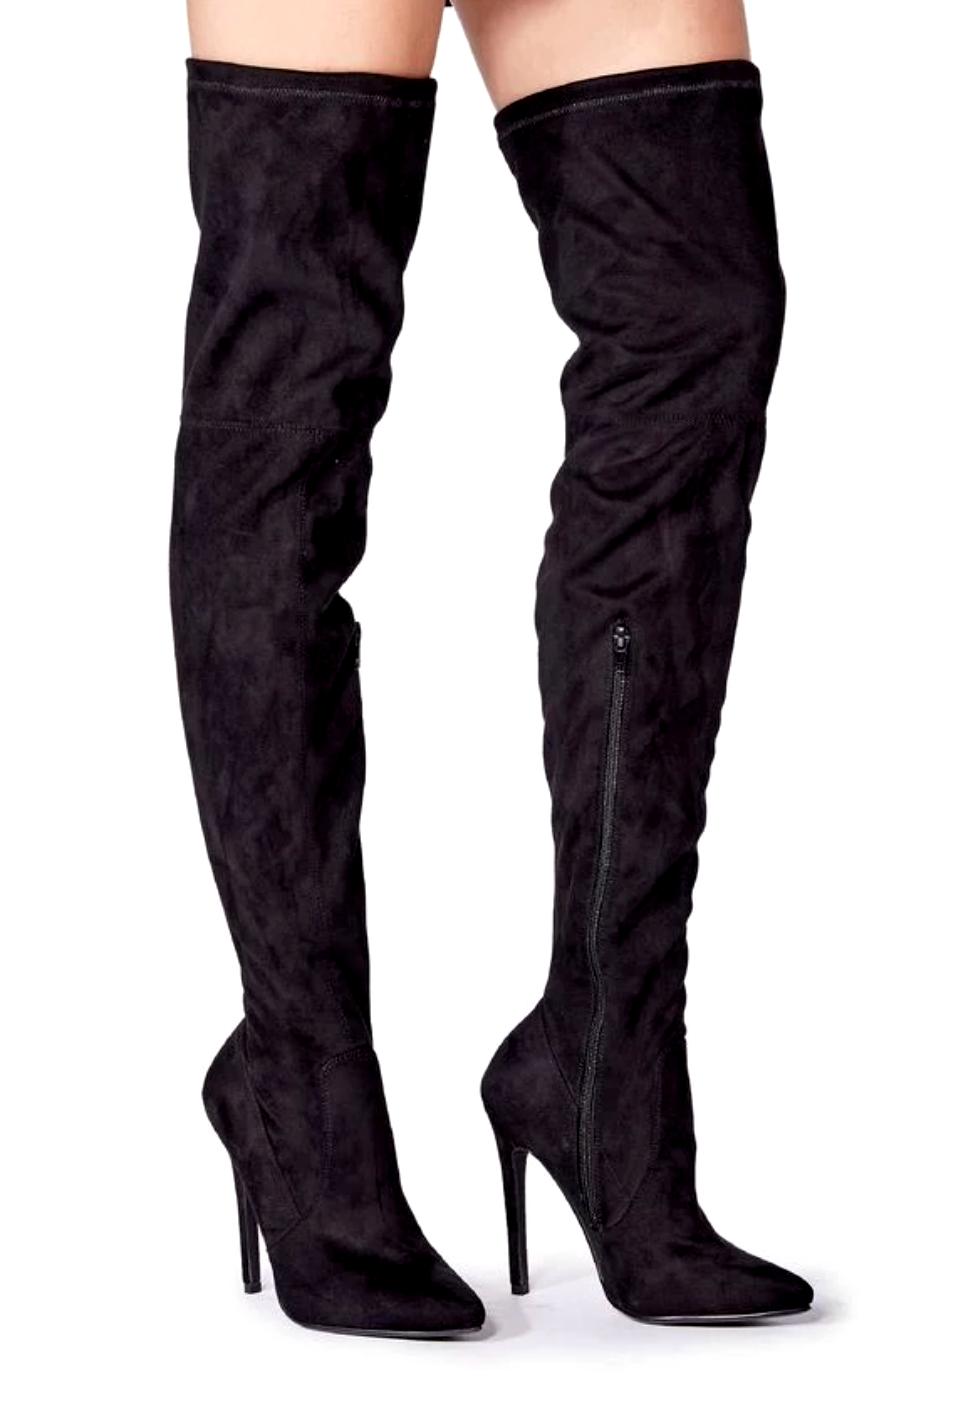 JustFab Camden femme UK 6 velours noir talon haut stiletto dessus genou bottes cuissardes